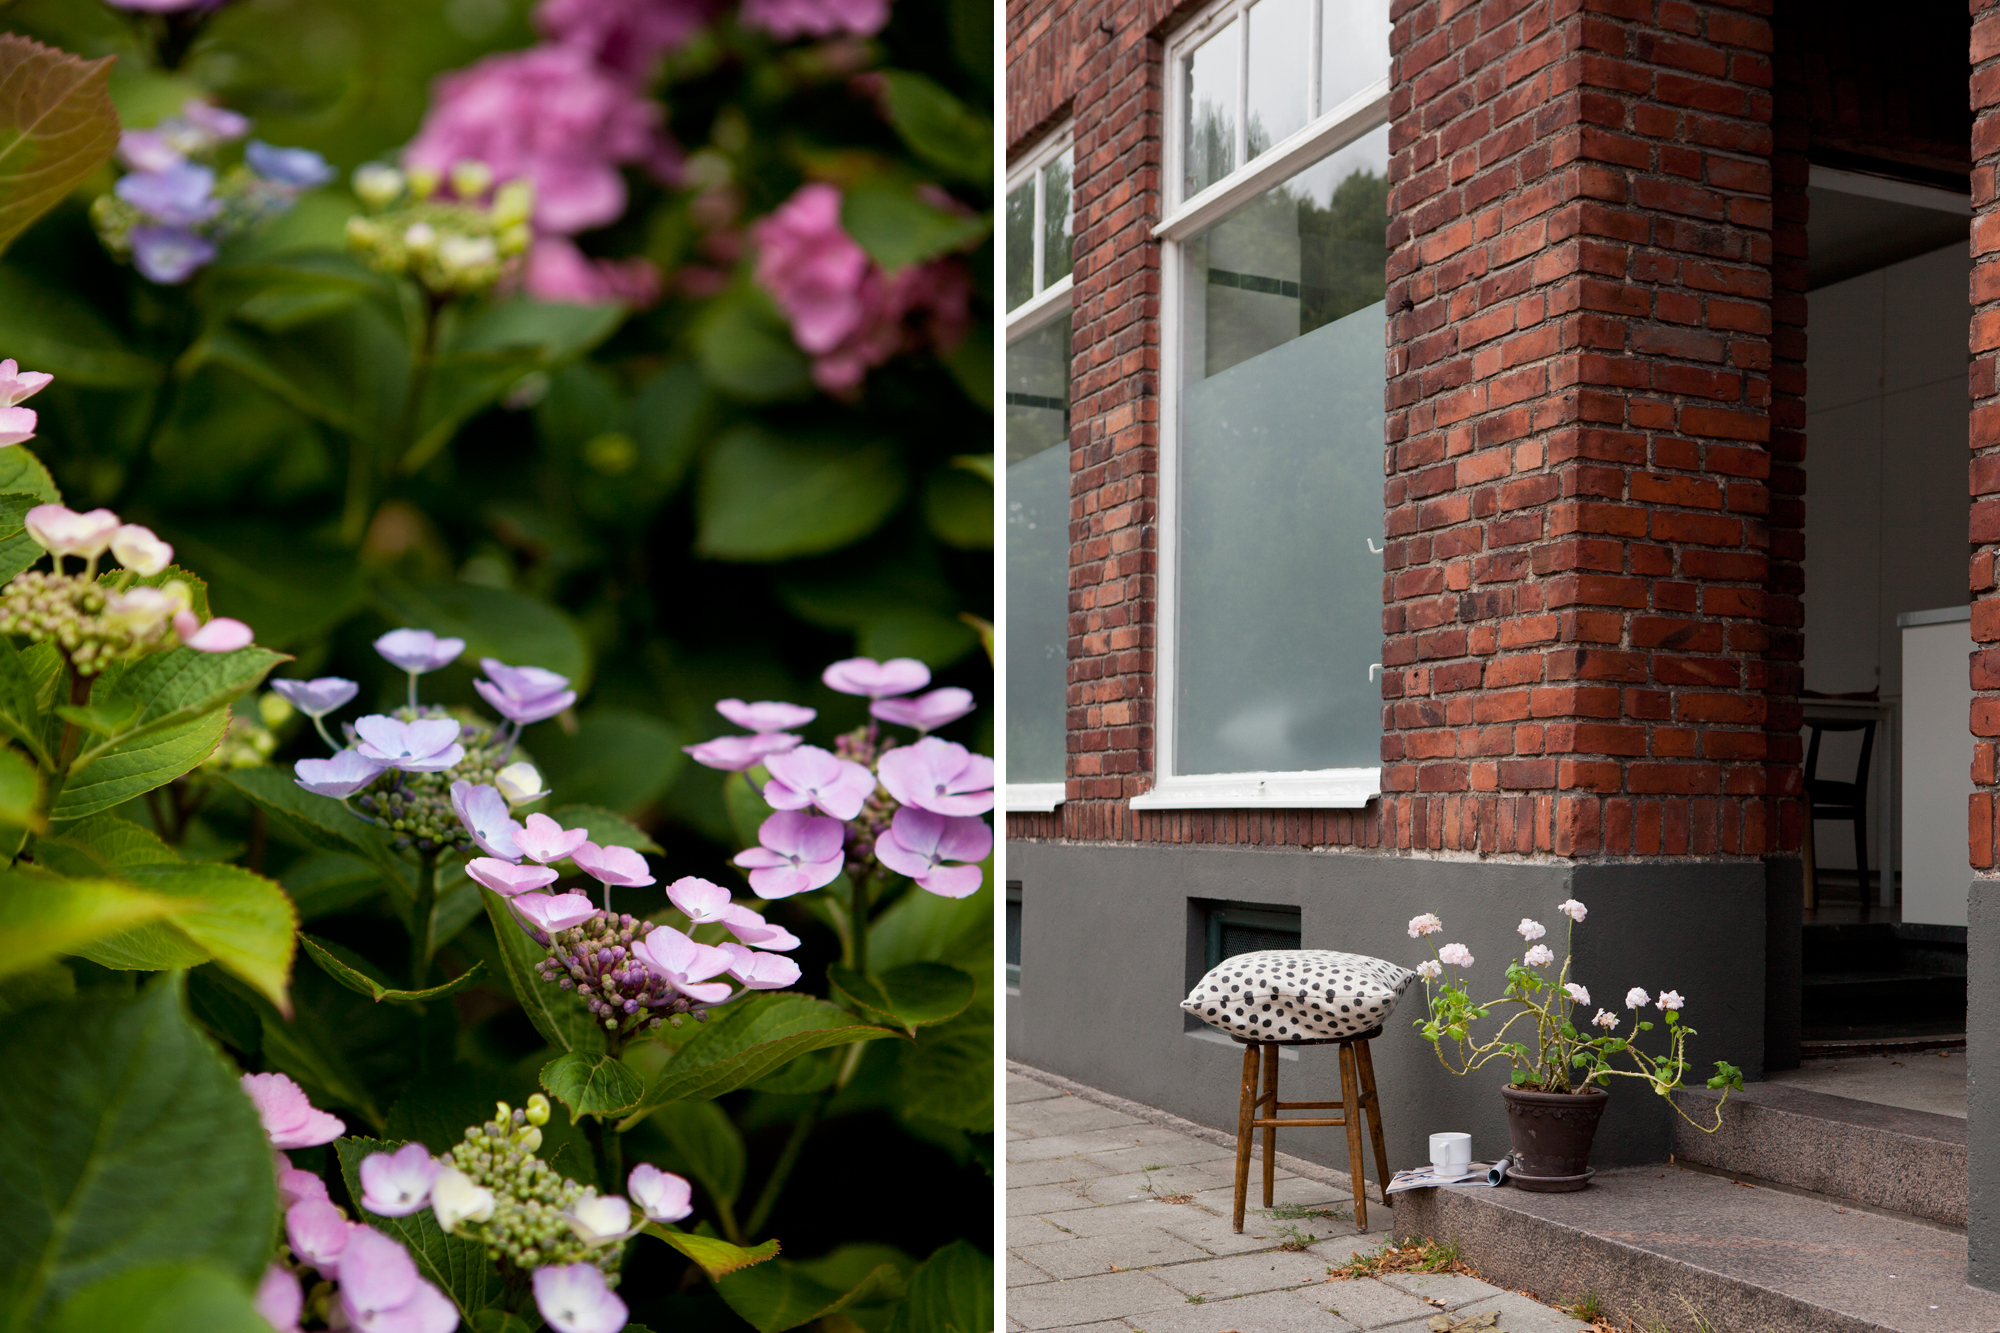 home-tour-suedois-brique-exterieur-fleurs-mademoiselle-claudine